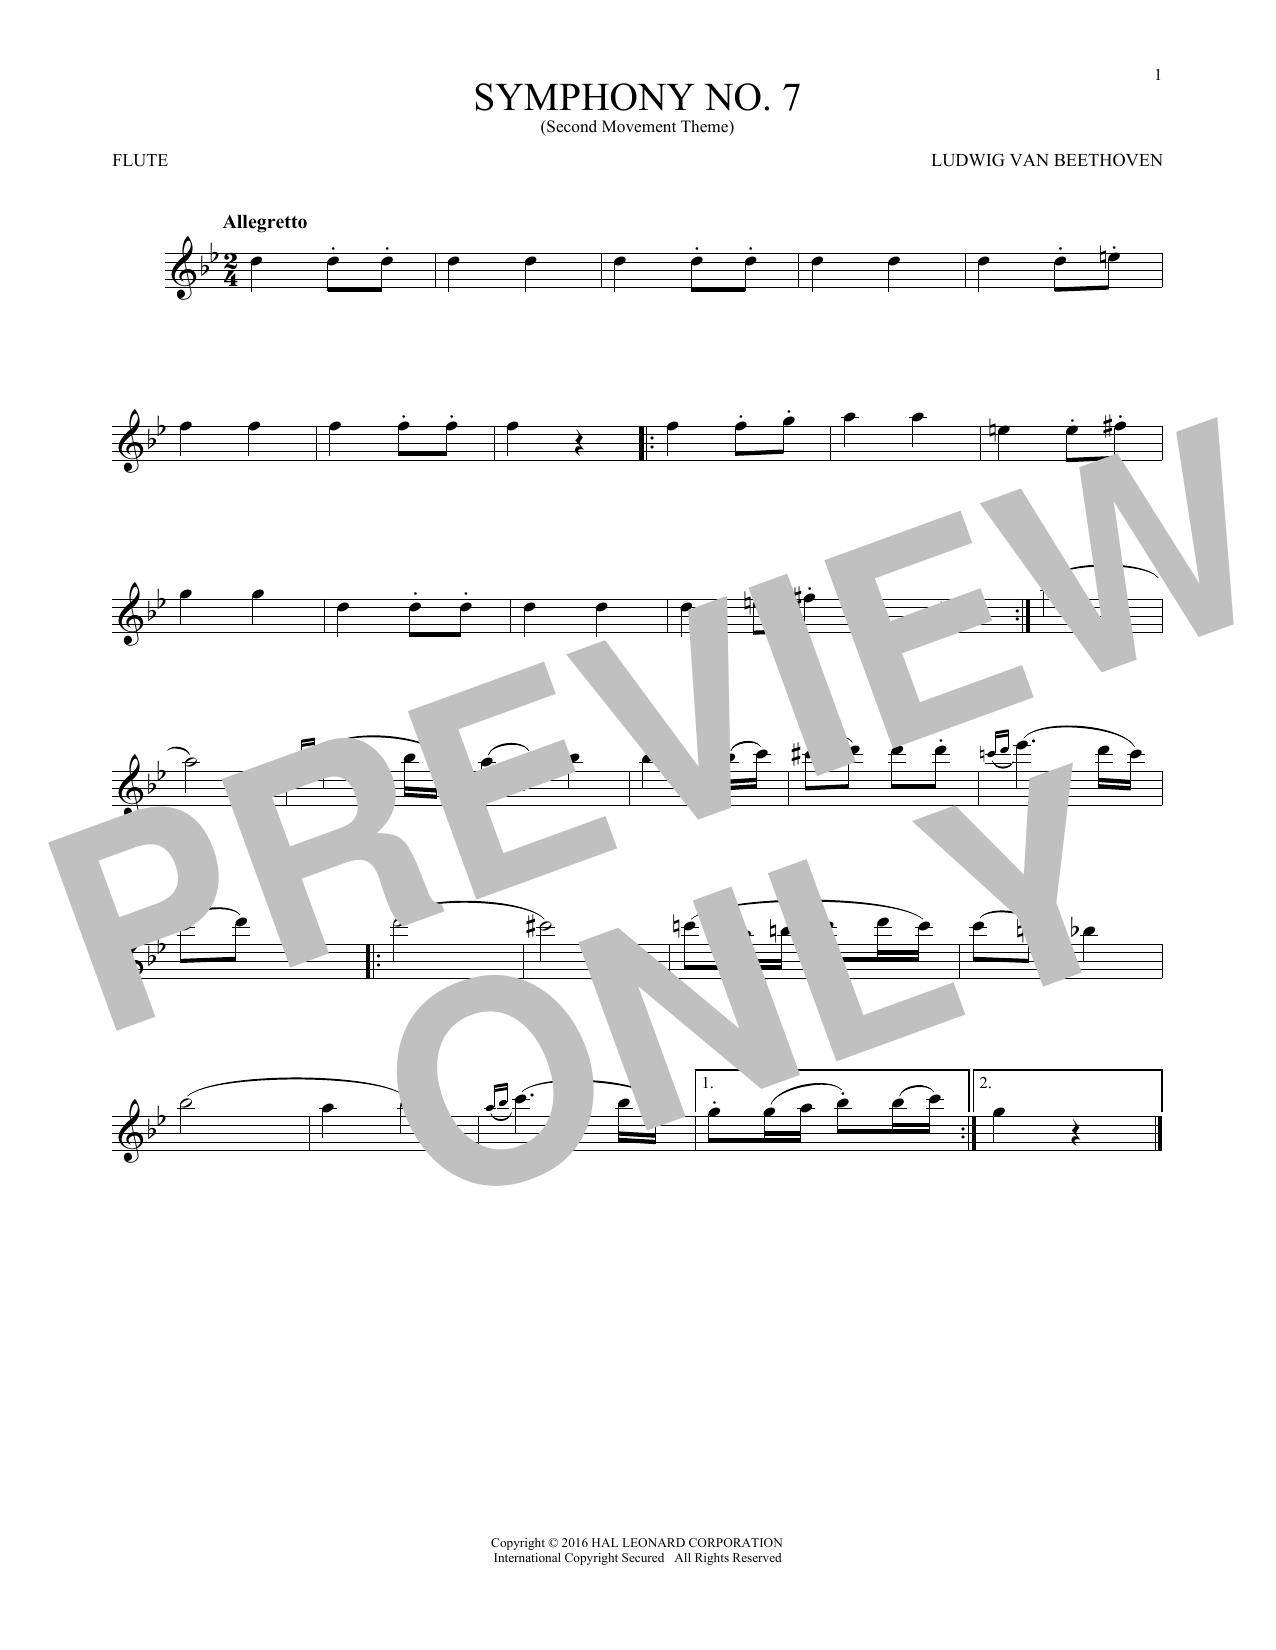 Symphony No. 7 In A Major, Second Movement (Allegretto) (Flute Solo)